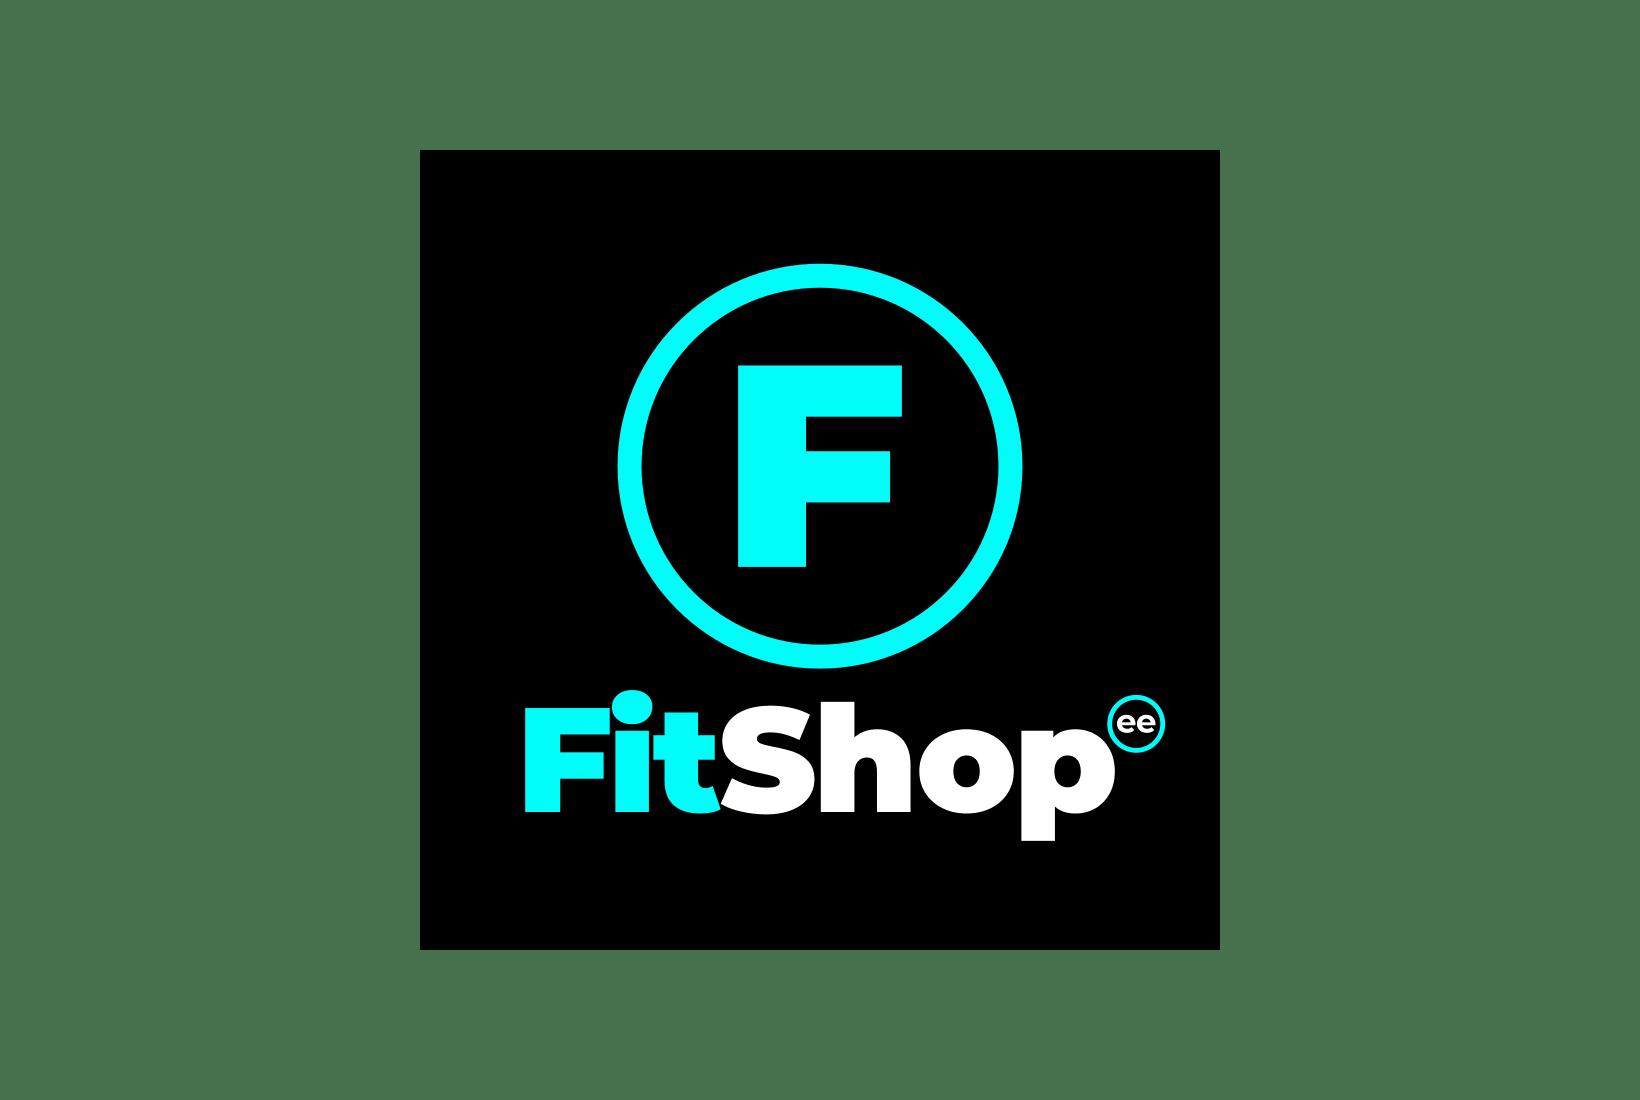 FitShop